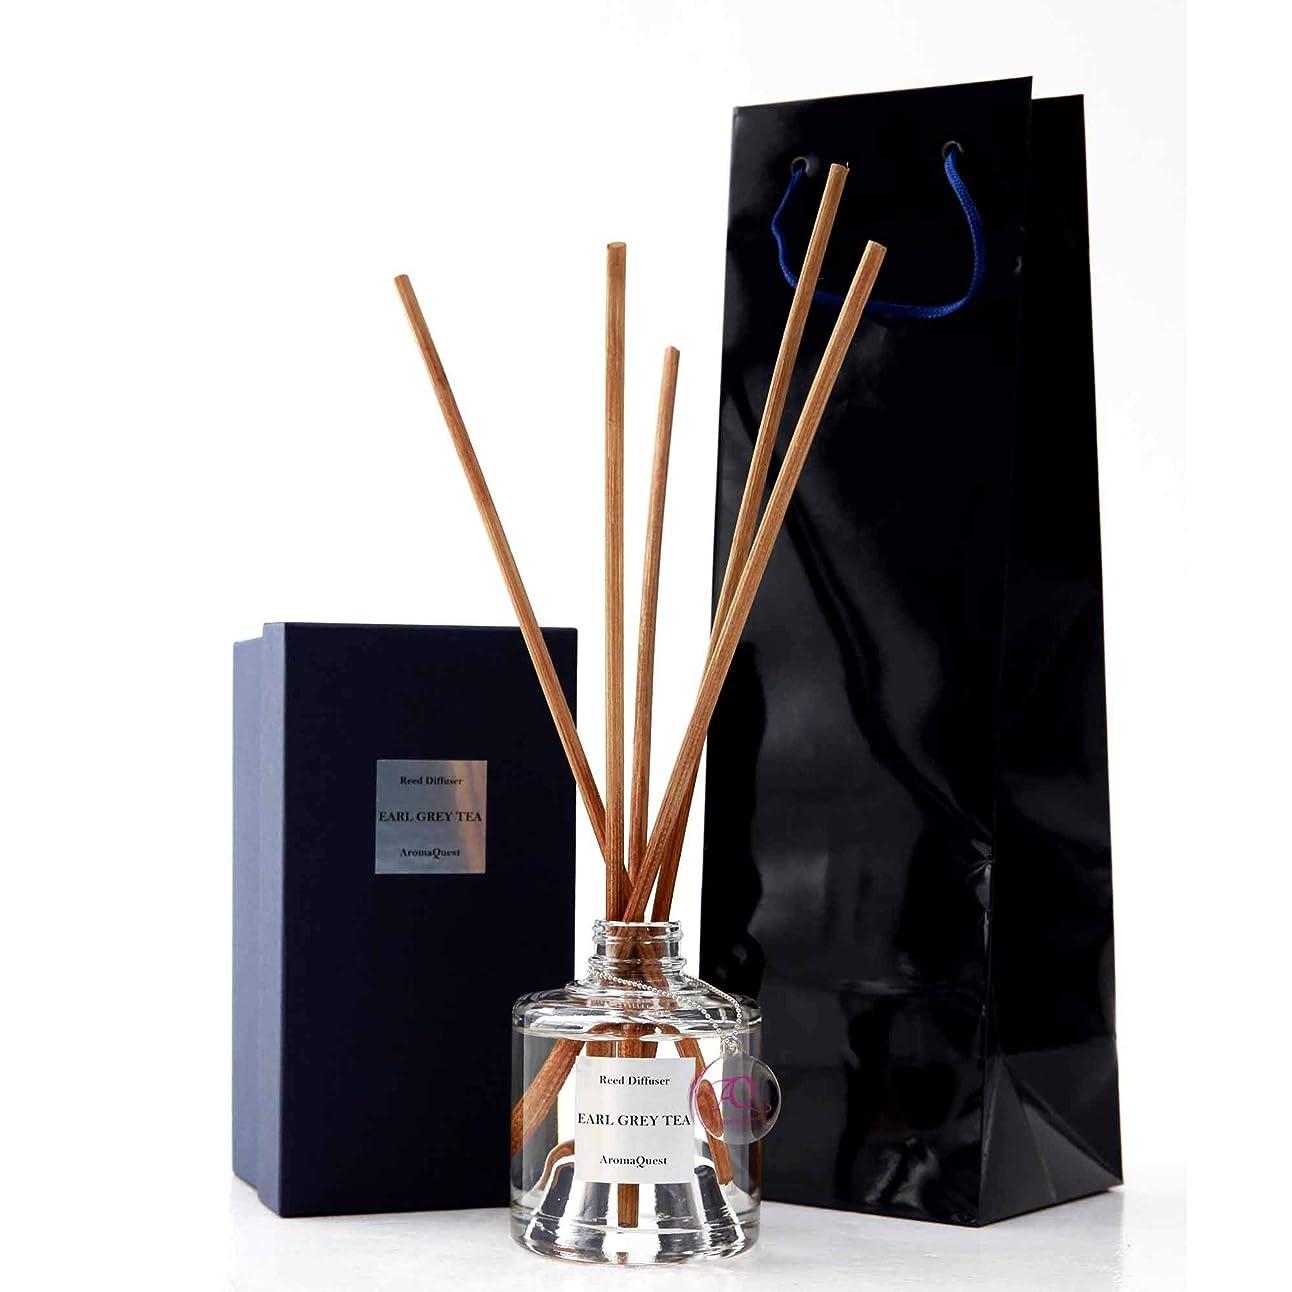 ウナギ慈善ファイルルームフレグランス リードディフューザー アロマディフューザー 150ml アールグレイティー EARL GREY TEA 紅茶の香り